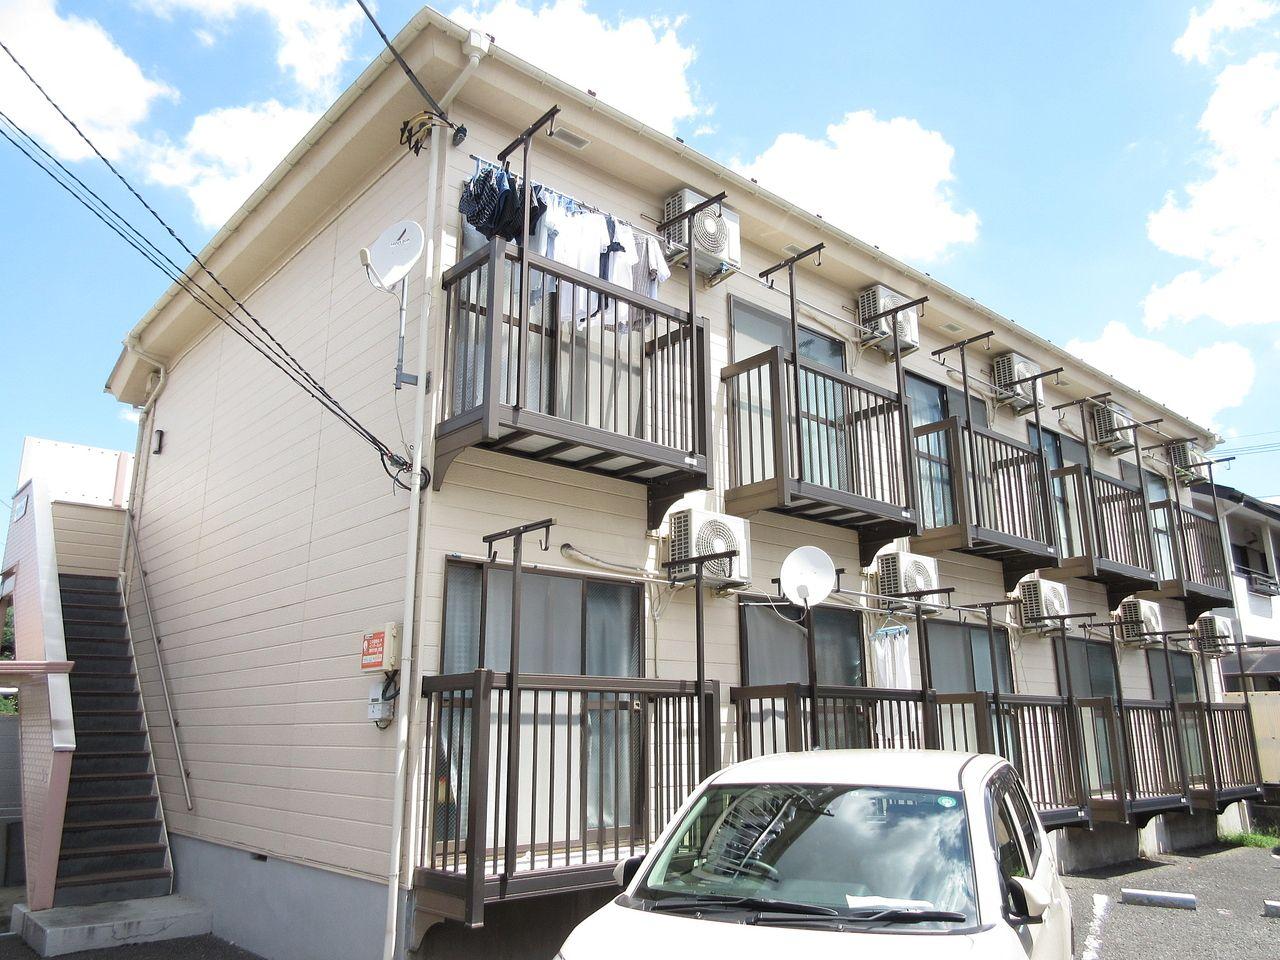 【板橋区高島平の賃貸アパート】~敷地内に駐車場がある単身者物件って珍しくないですか?・ヴォンビューラ101号室~